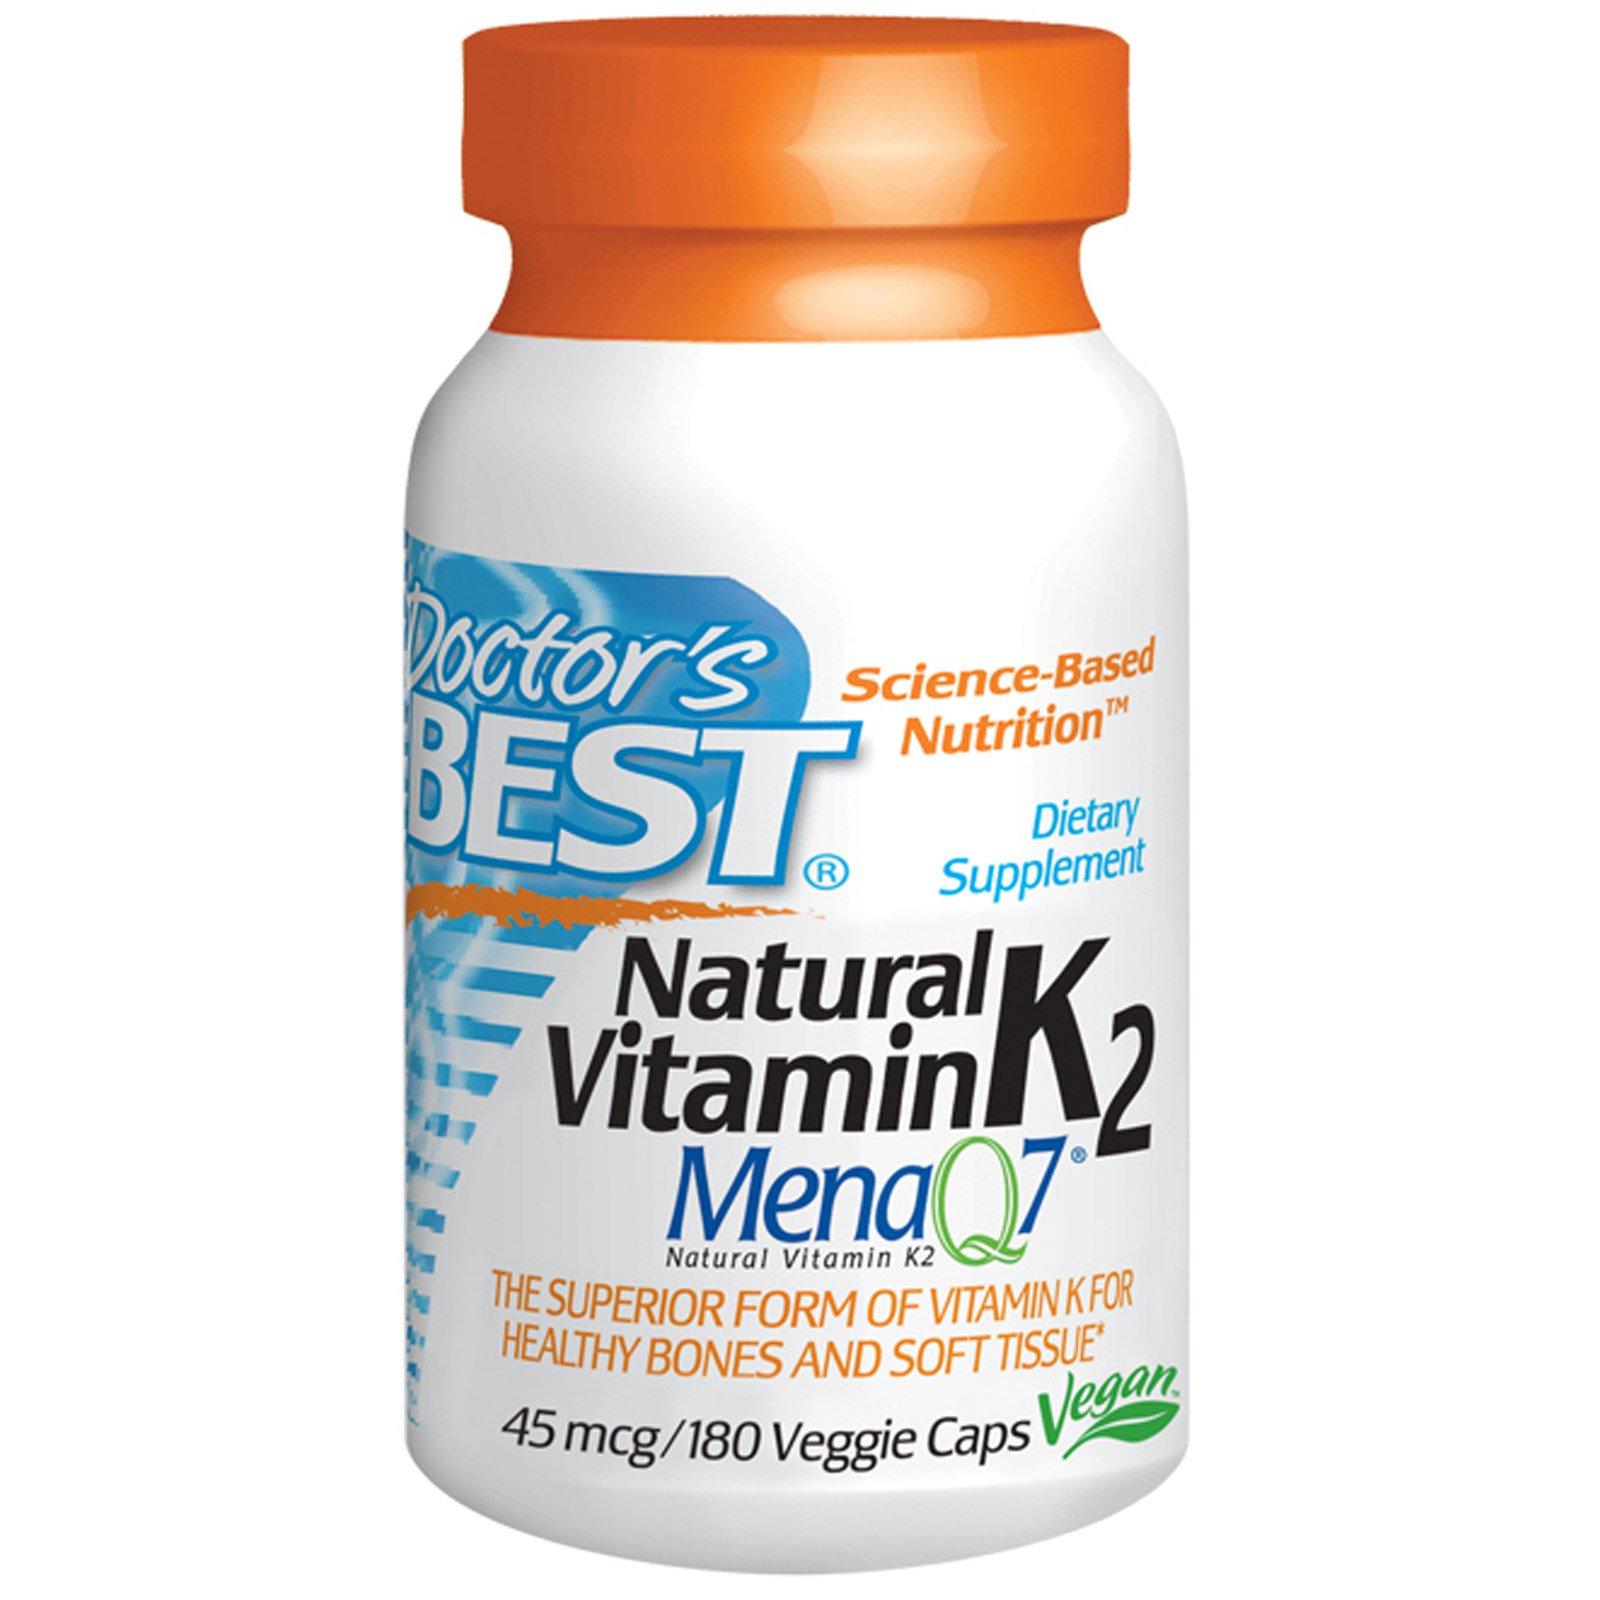 Doctor's Best, Натуральный витамин K2, Mena Q7, 45 мкг, 180 капсул на растительной основе